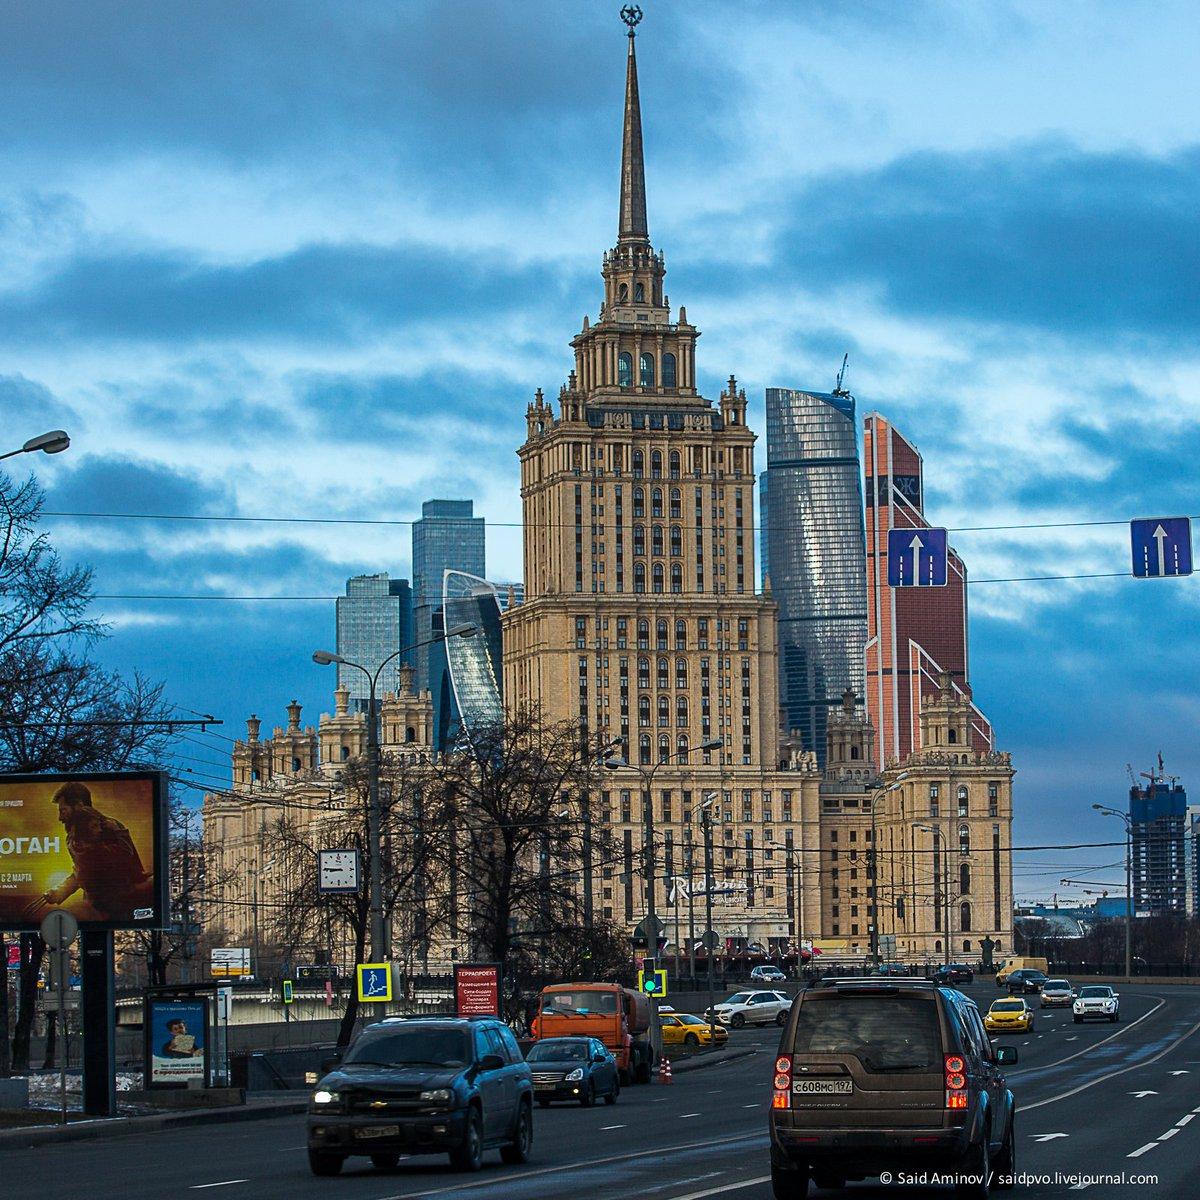 Ξενοδοχείο Radisson Royal Hotel, Moscow (πρώην Ξενοδοχείο Ουκραΐνα).